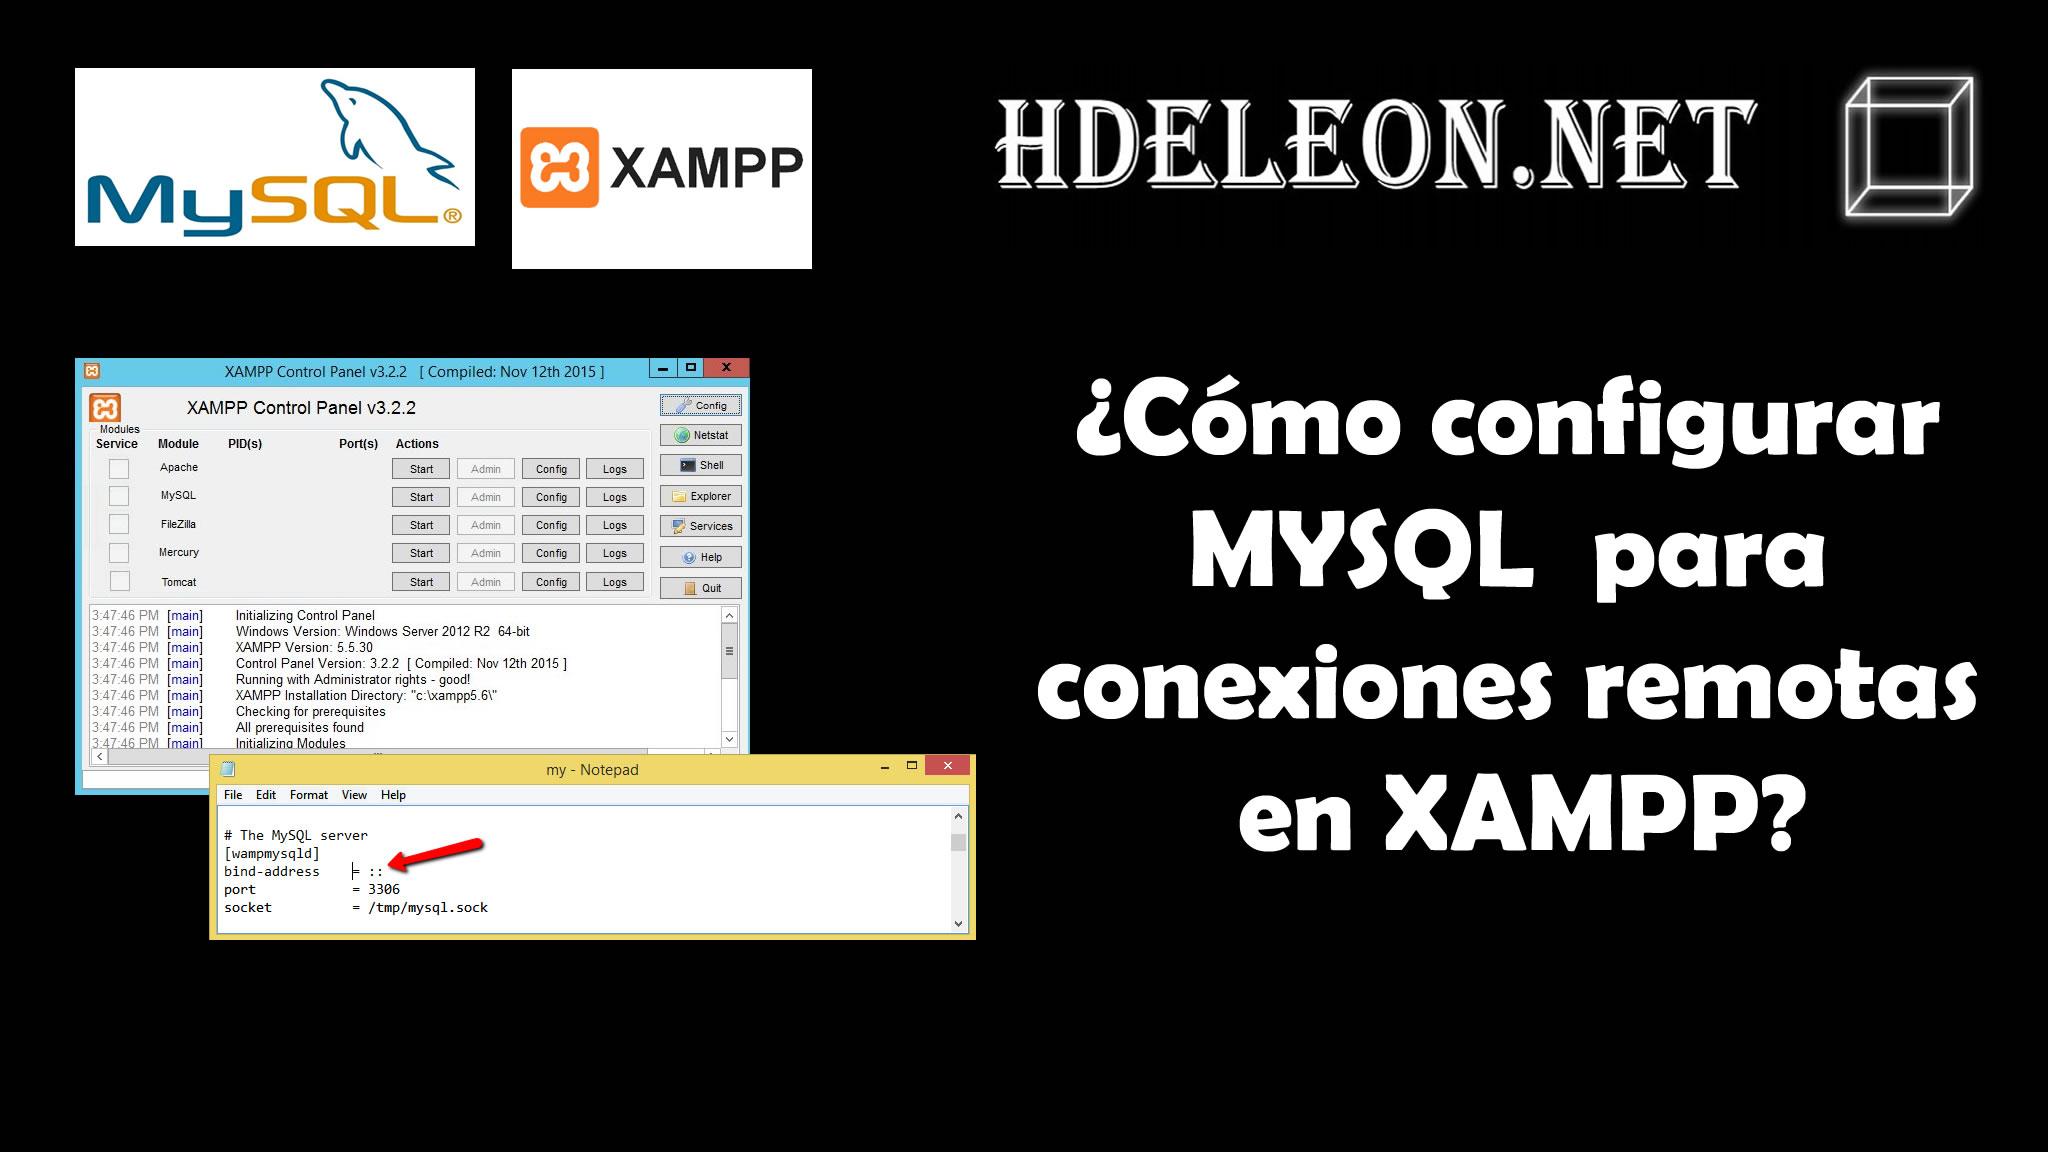 ¿Cómo configurar MYSQL para conexiones remotas en XAMPP?, Windows #mysql